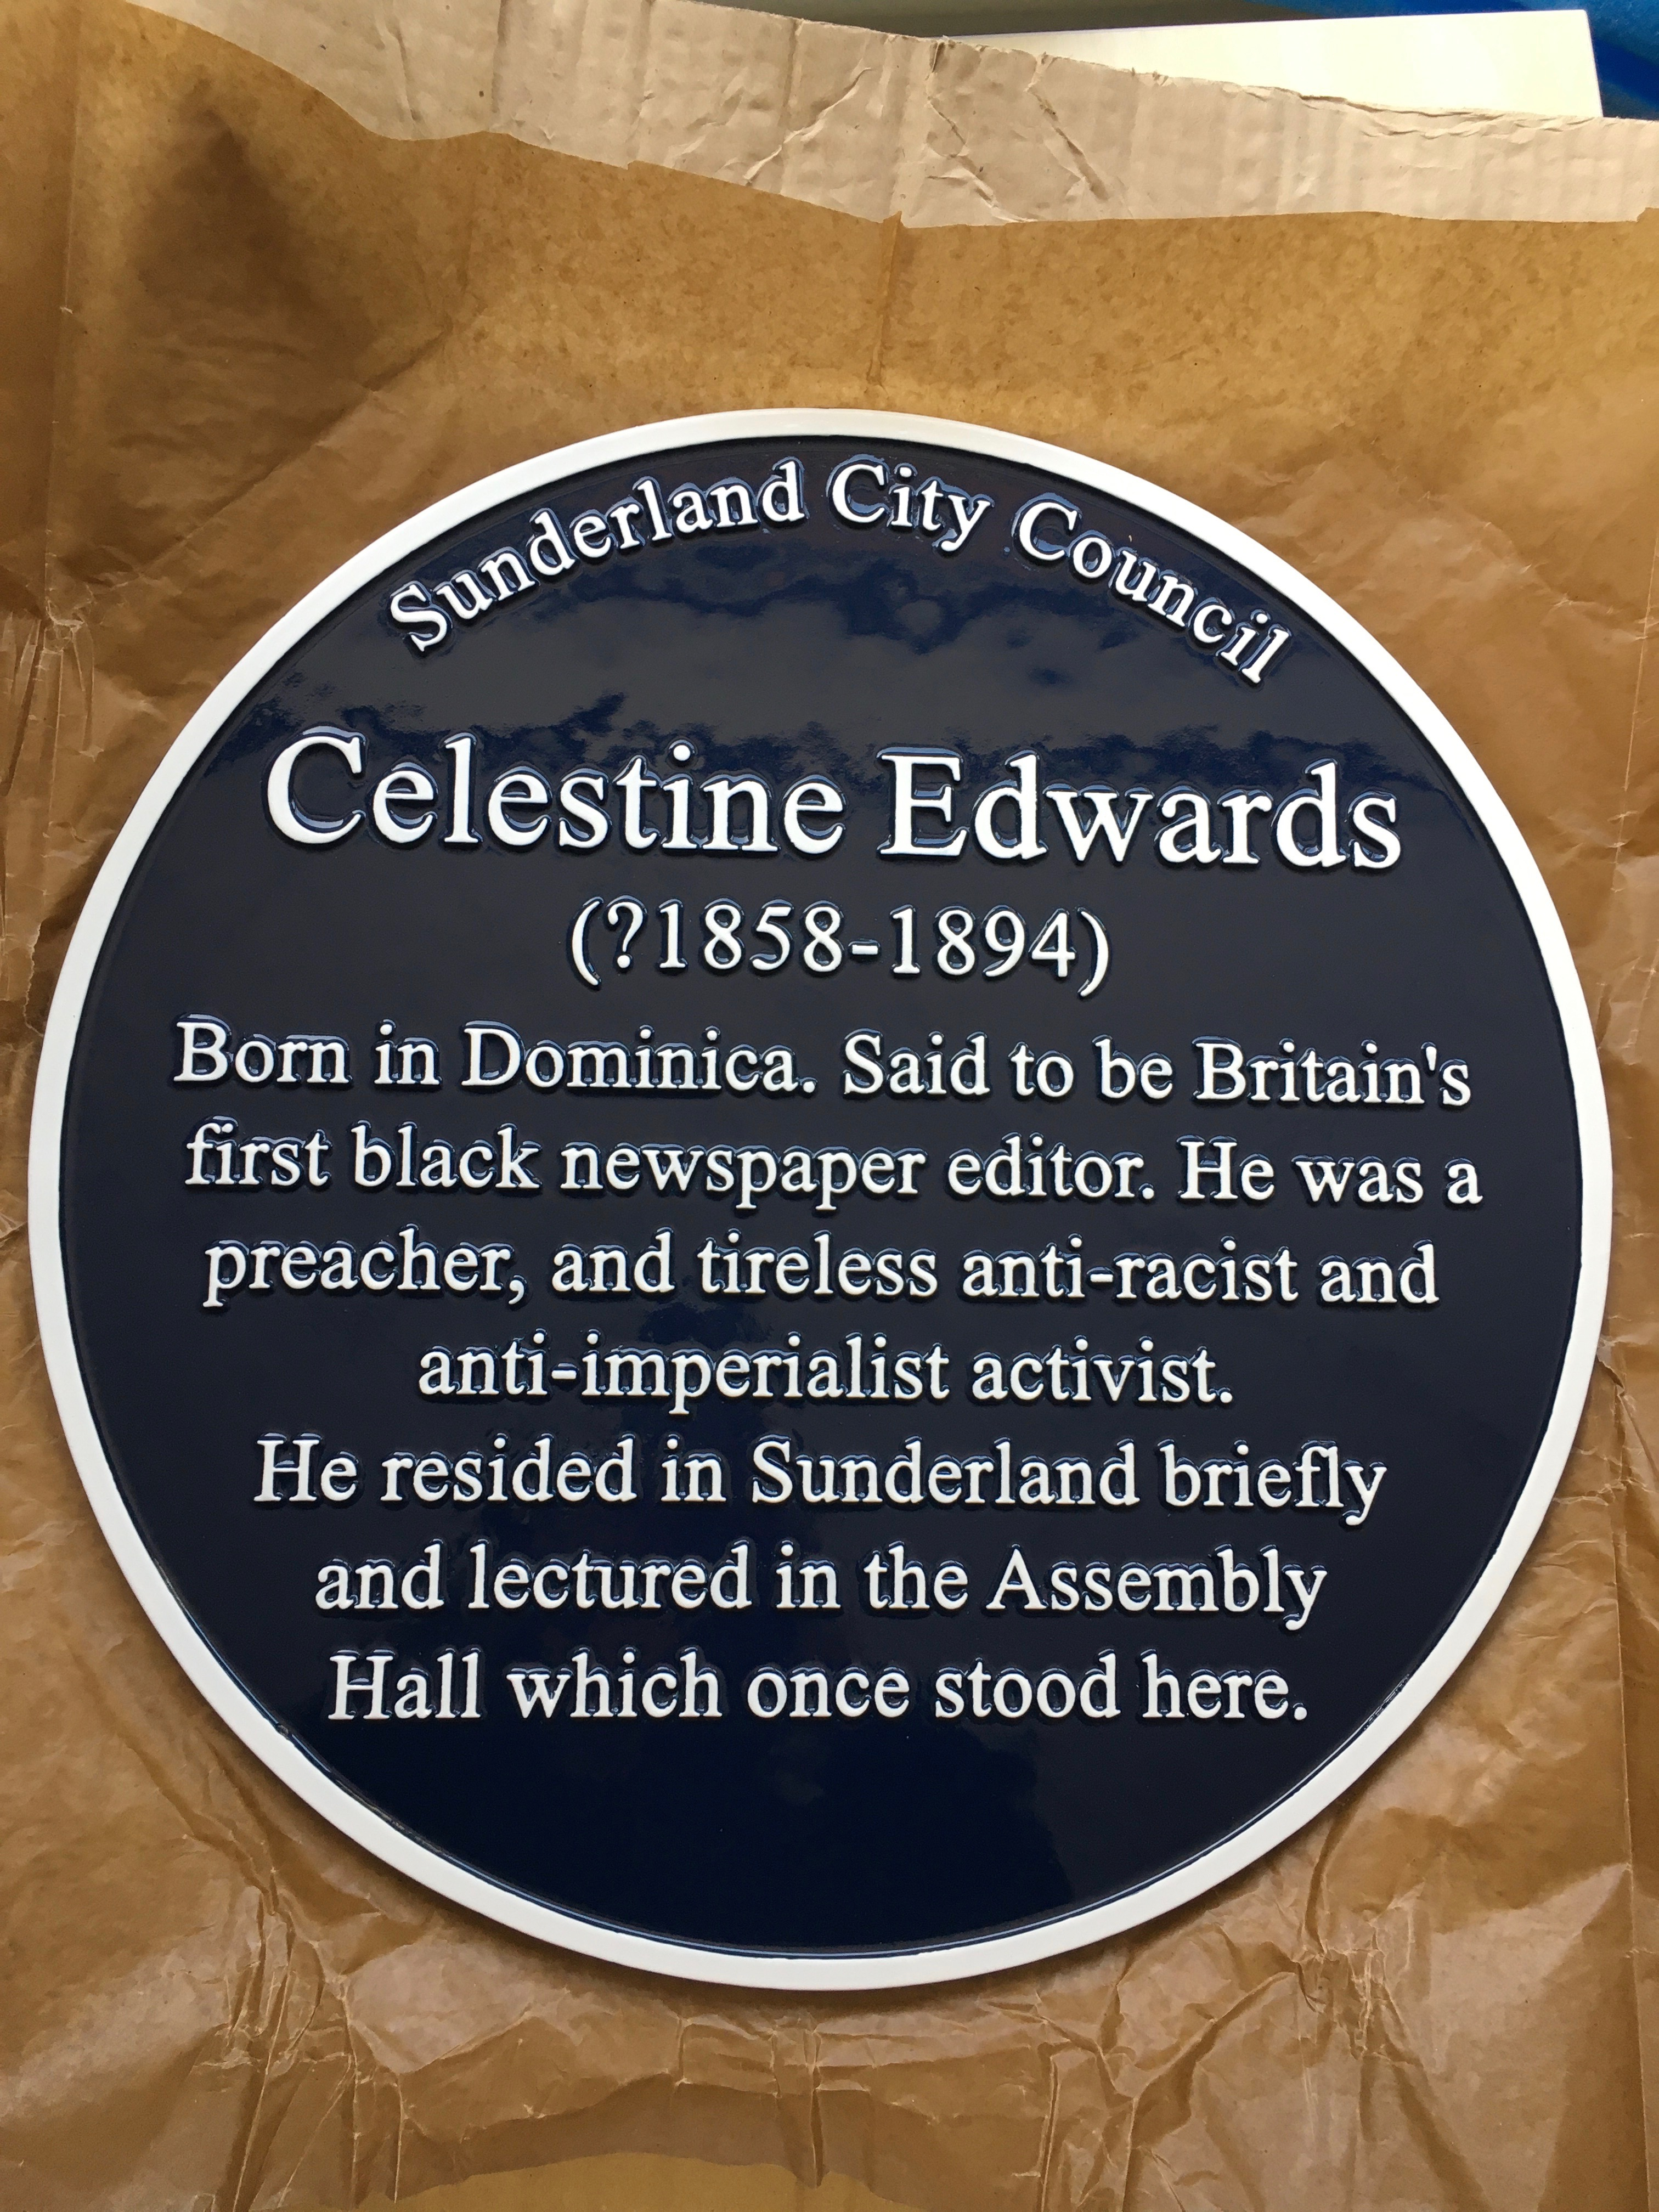 Celestine Edwards Blue plaque